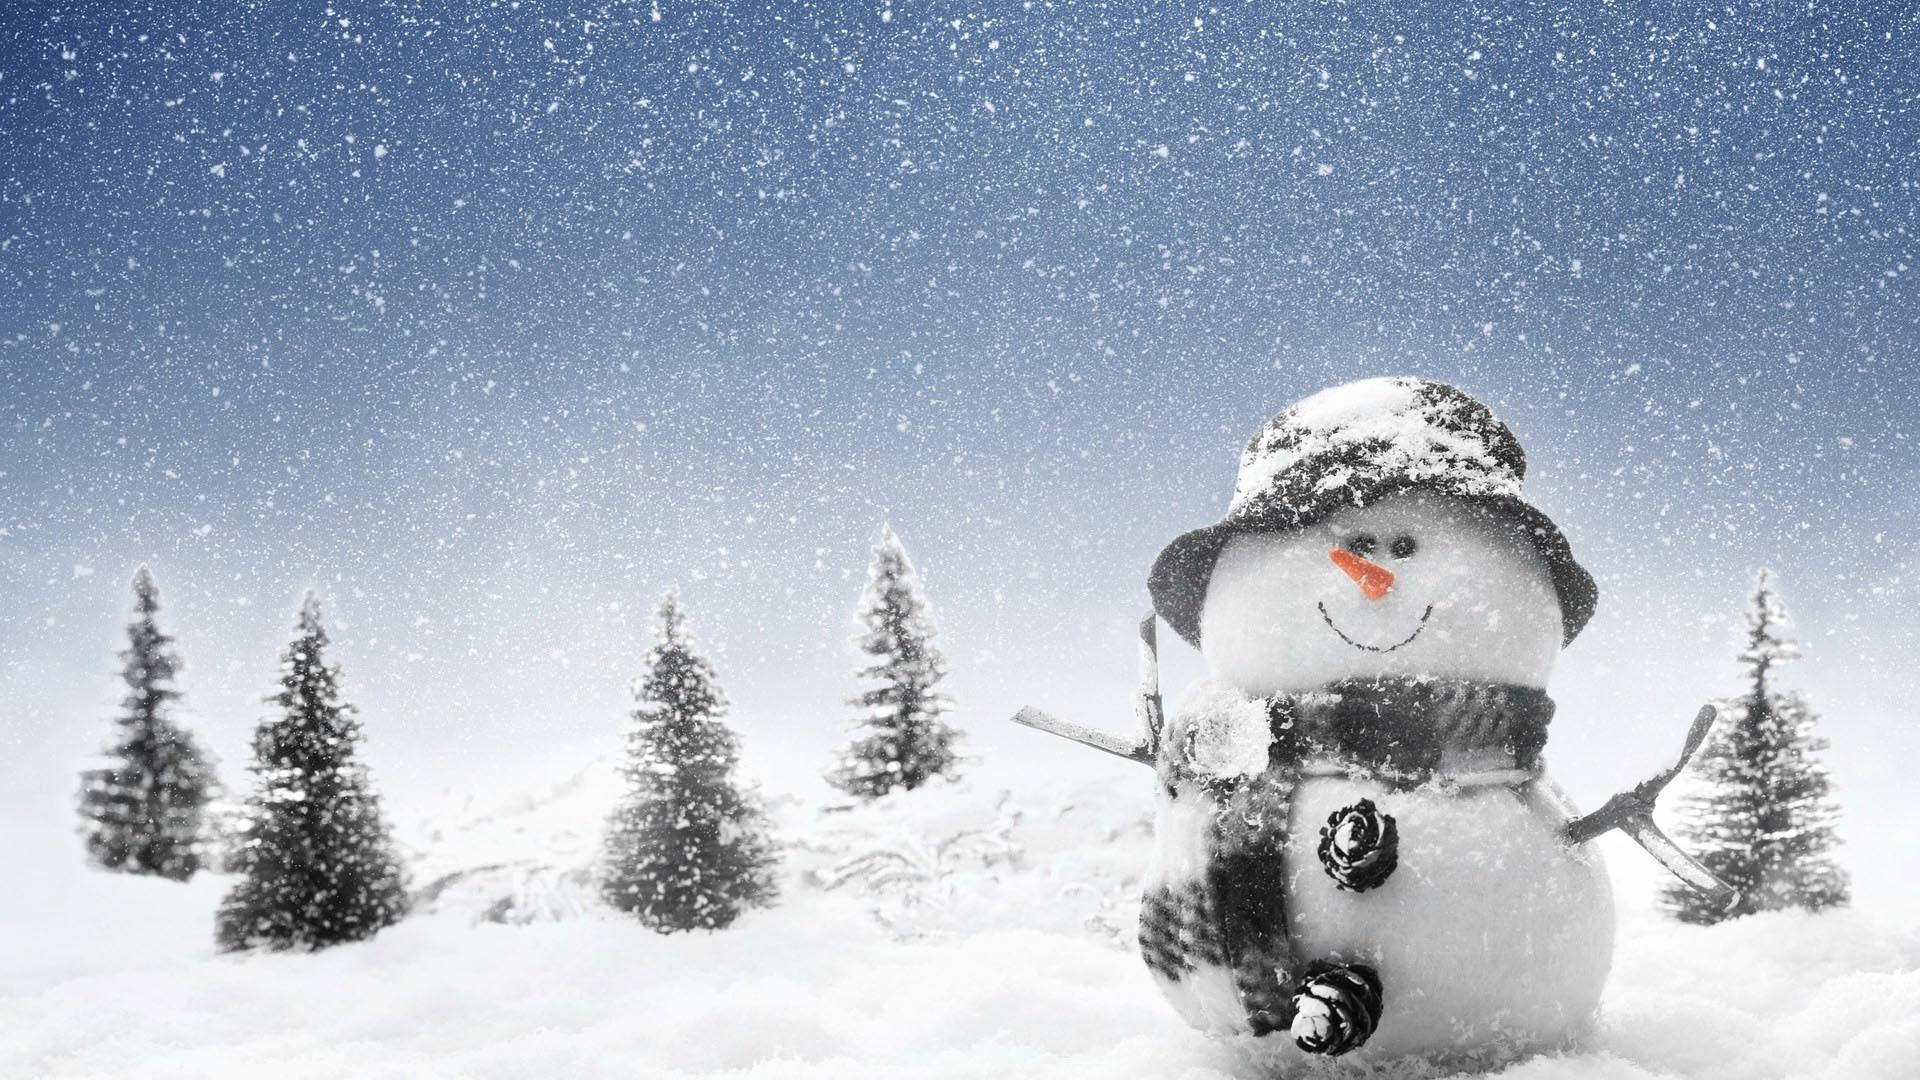 слов прикольные картинки про зиму и новый год представлен слегка структурированной